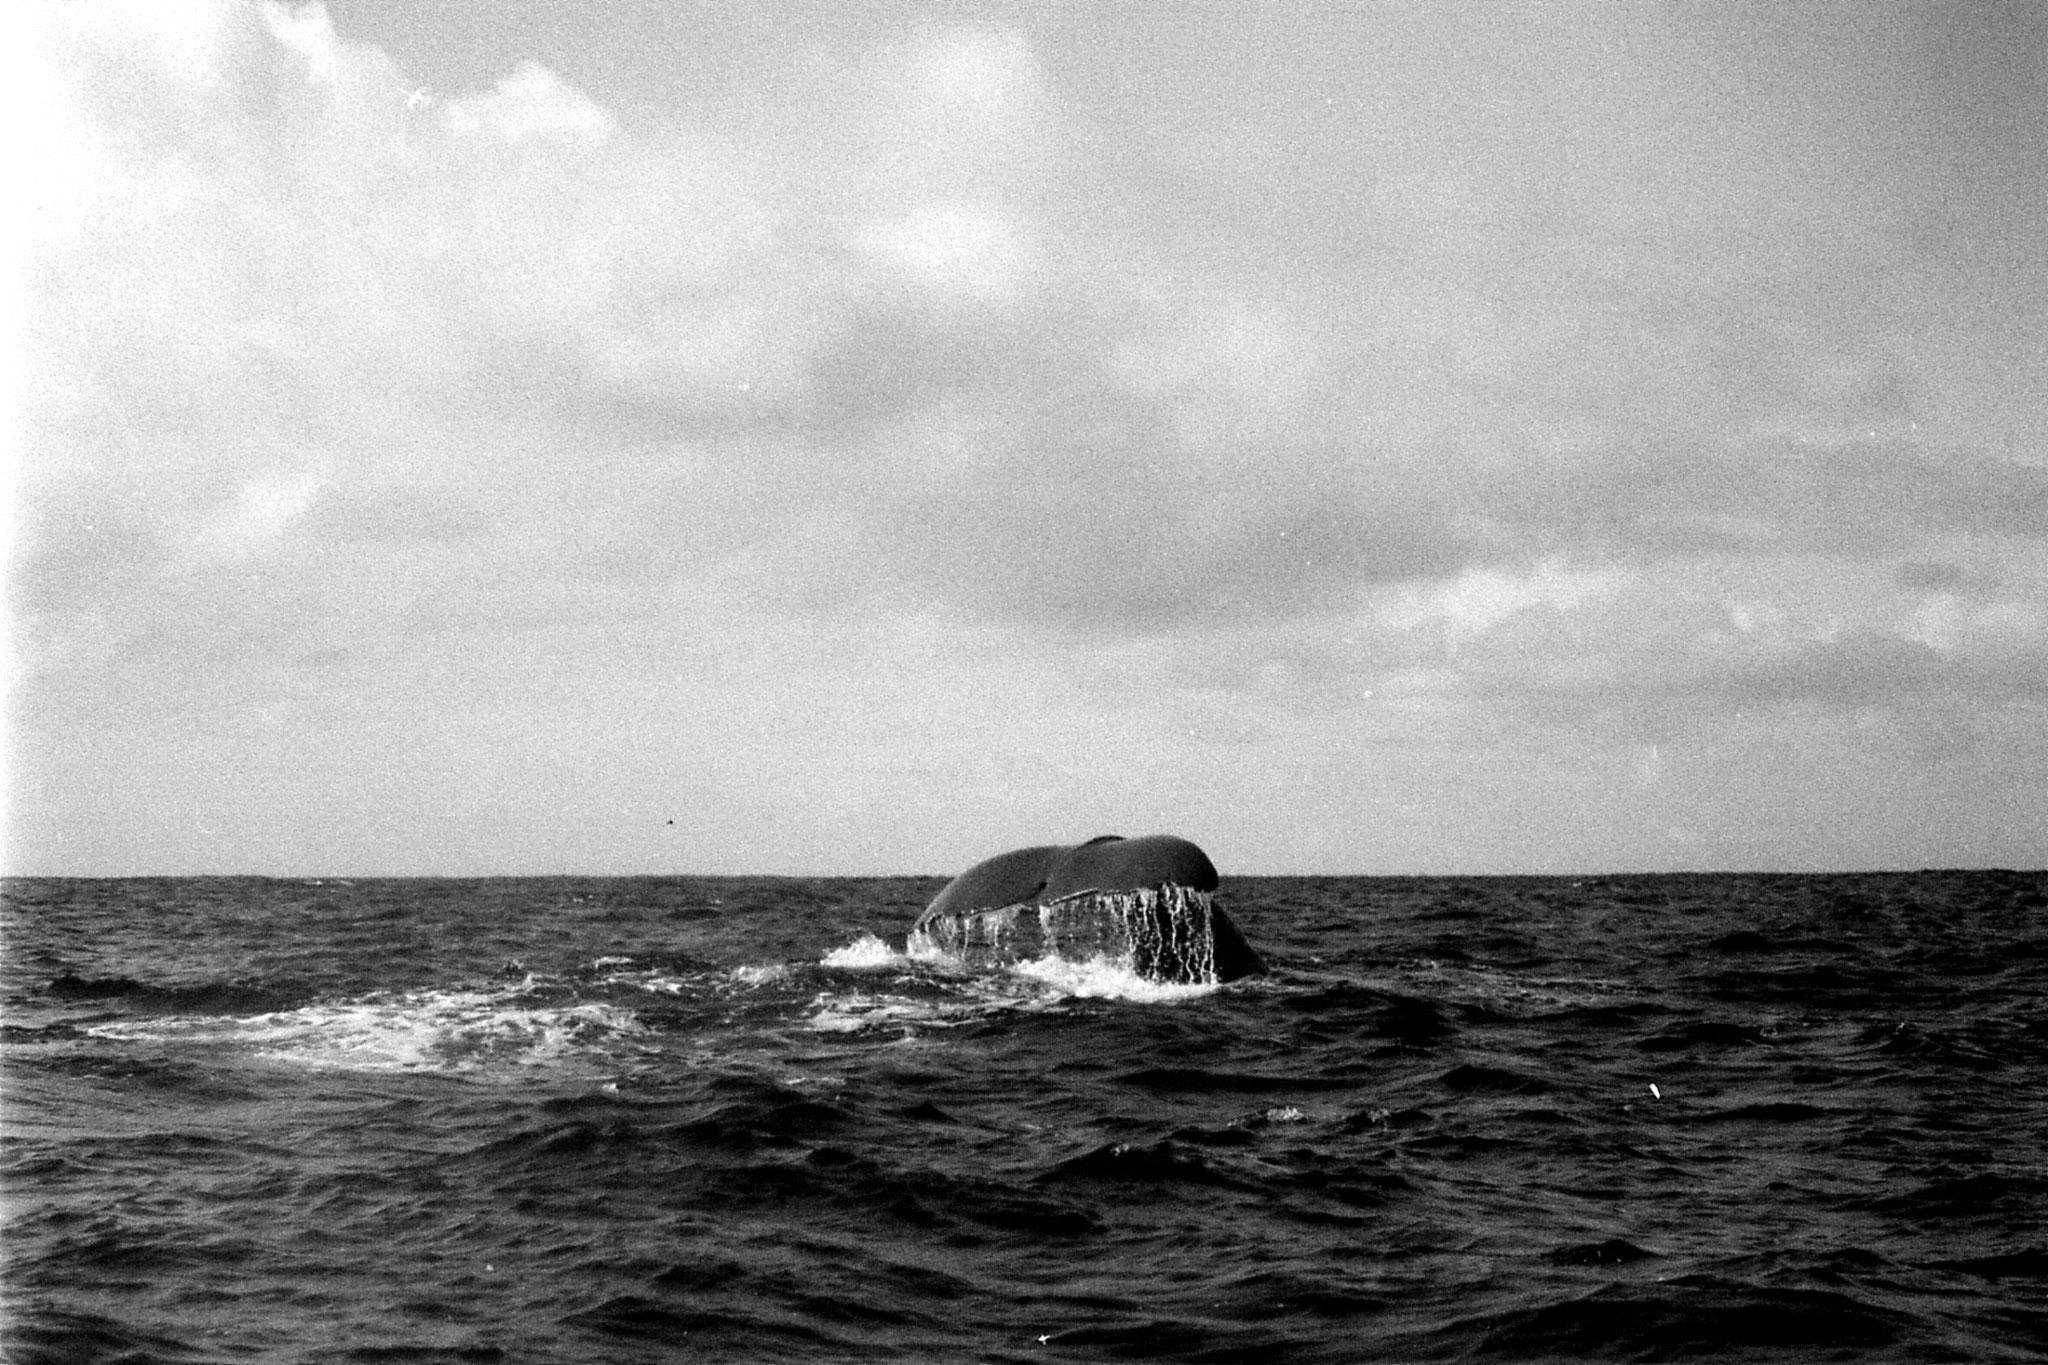 9/8/1990: 20:Kaikoura: sperm whale